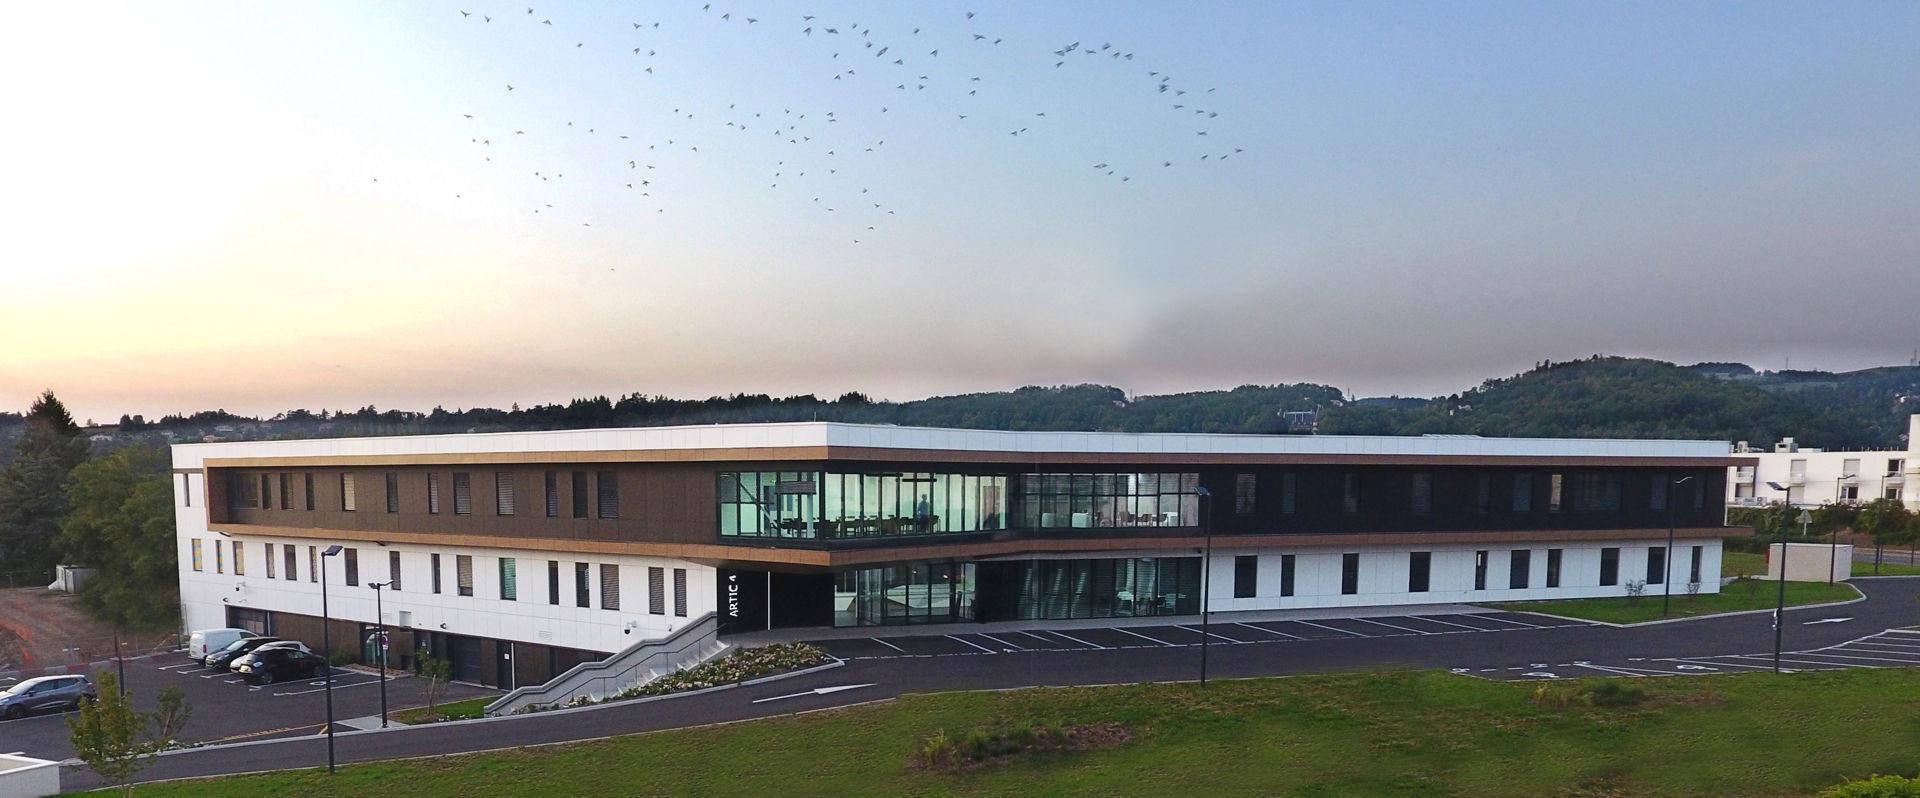 ARTICLE LE MONITEUR : L'Atelier d'Architecture RIVAT se fait un nom dans les bâtiments passifs